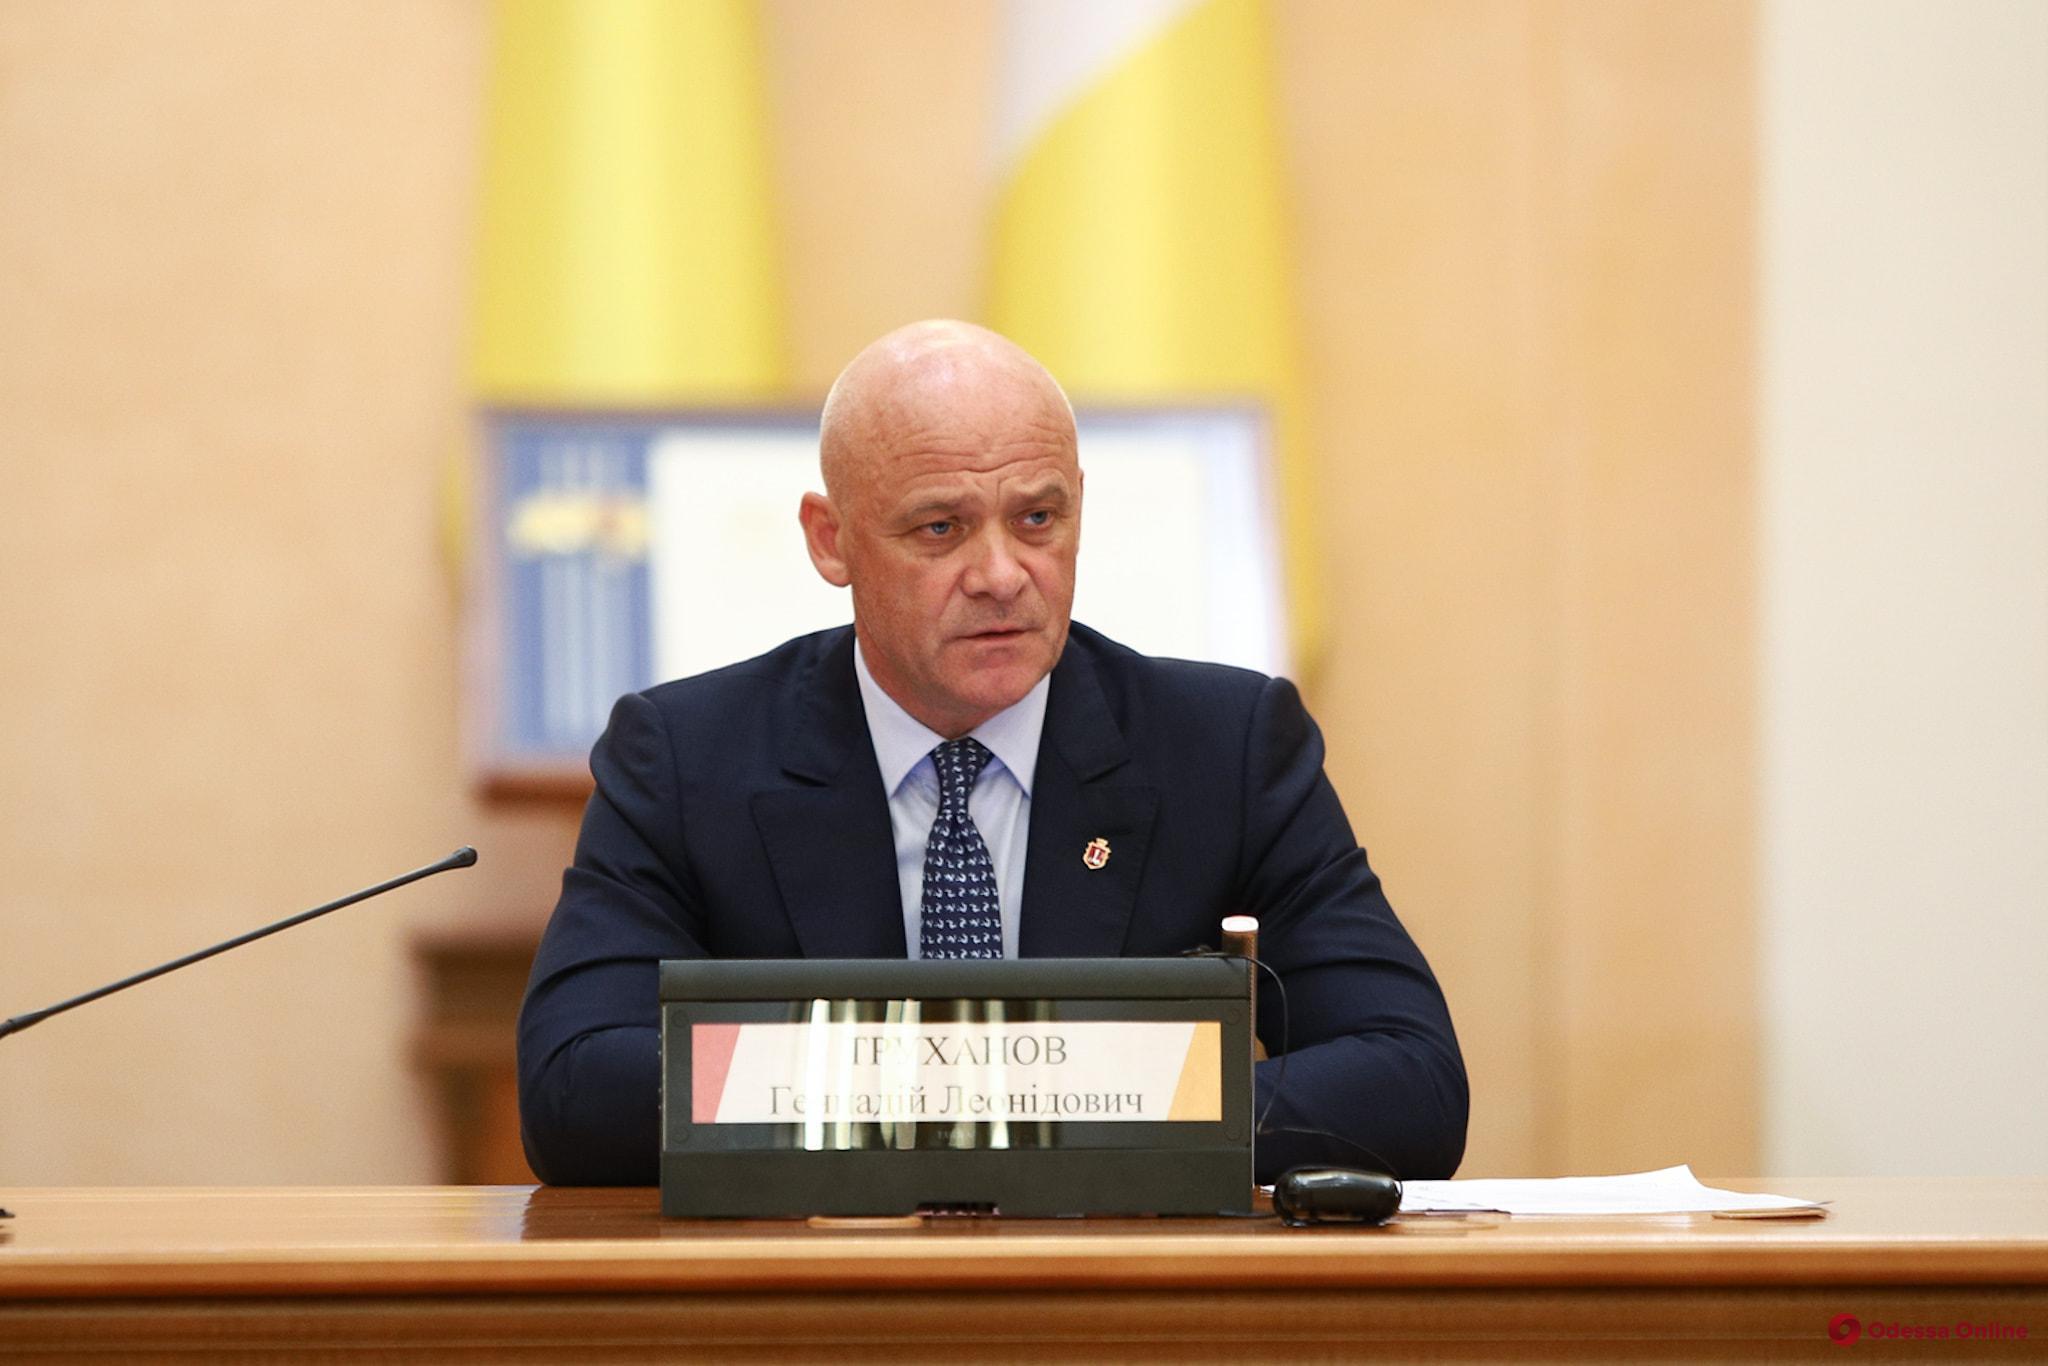 У адвоката возникли вопросы к делу Труханова: обвинение требует незаконно большой залог